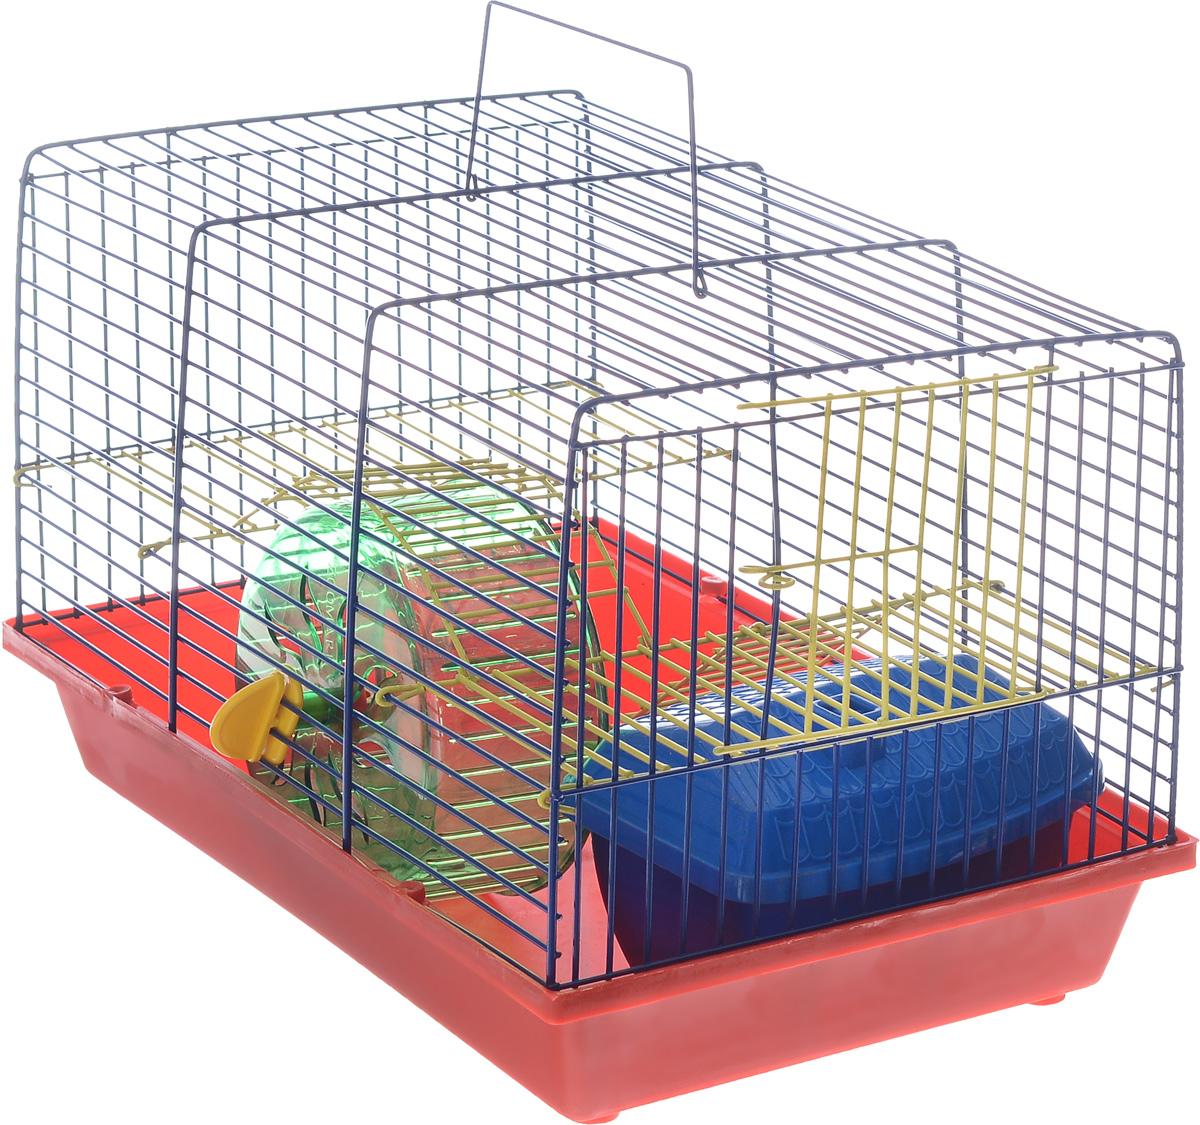 Клетка для грызунов Зоомарк Венеция, 2-этажная, цвет: красный поддон, синяя решетка, желтый этаж, 36 х 23 х 24 см145кКСКлетка Венеция, выполненная из полипропилена и металла, подходит для мелких грызунов. Изделие двухэтажное, оборудовано колесом для подвижных игр и пластиковым домиком. Клетка имеет яркий поддон, удобна в использовании и легко чистится. Сверху имеется ручка для переноски. Такая клетка станет уединенным личным пространством и уютным домиком для маленького грызуна.